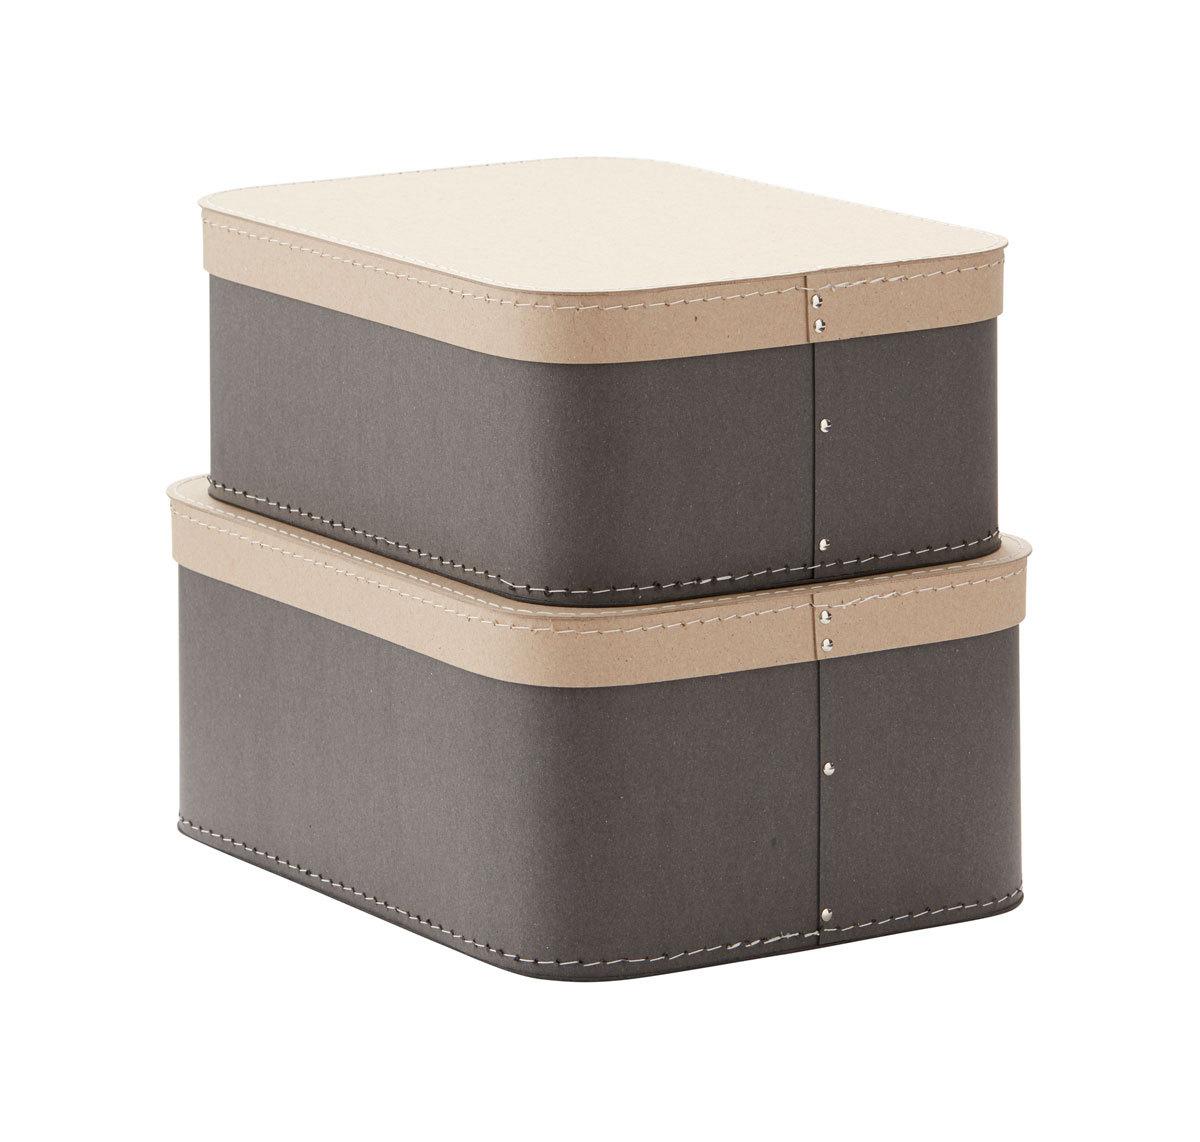 Panier & corbeille Lot de 2 Boîtes de Rangement Rectangulaires - Gris Lot de 2 Boîtes de Rangement Rectangulaires - Gris